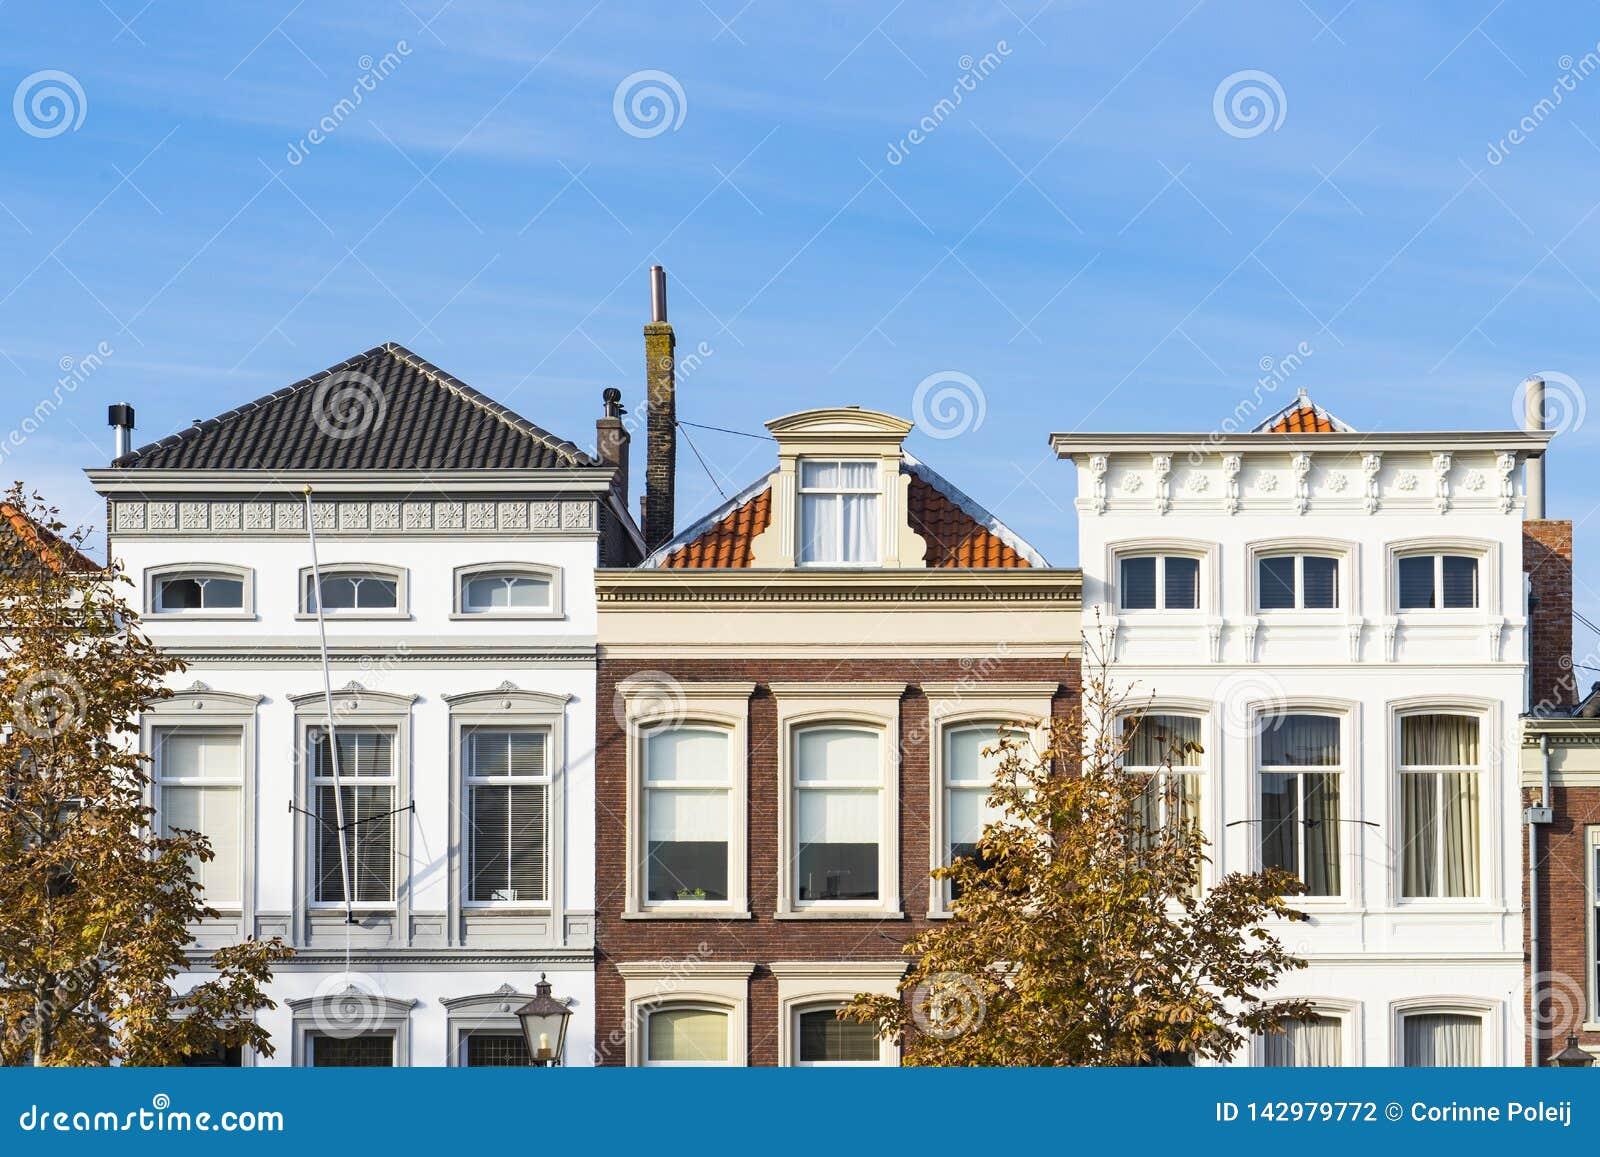 Hus i gata kallade Wolwevershaven, Dordrecht, Nederländerna